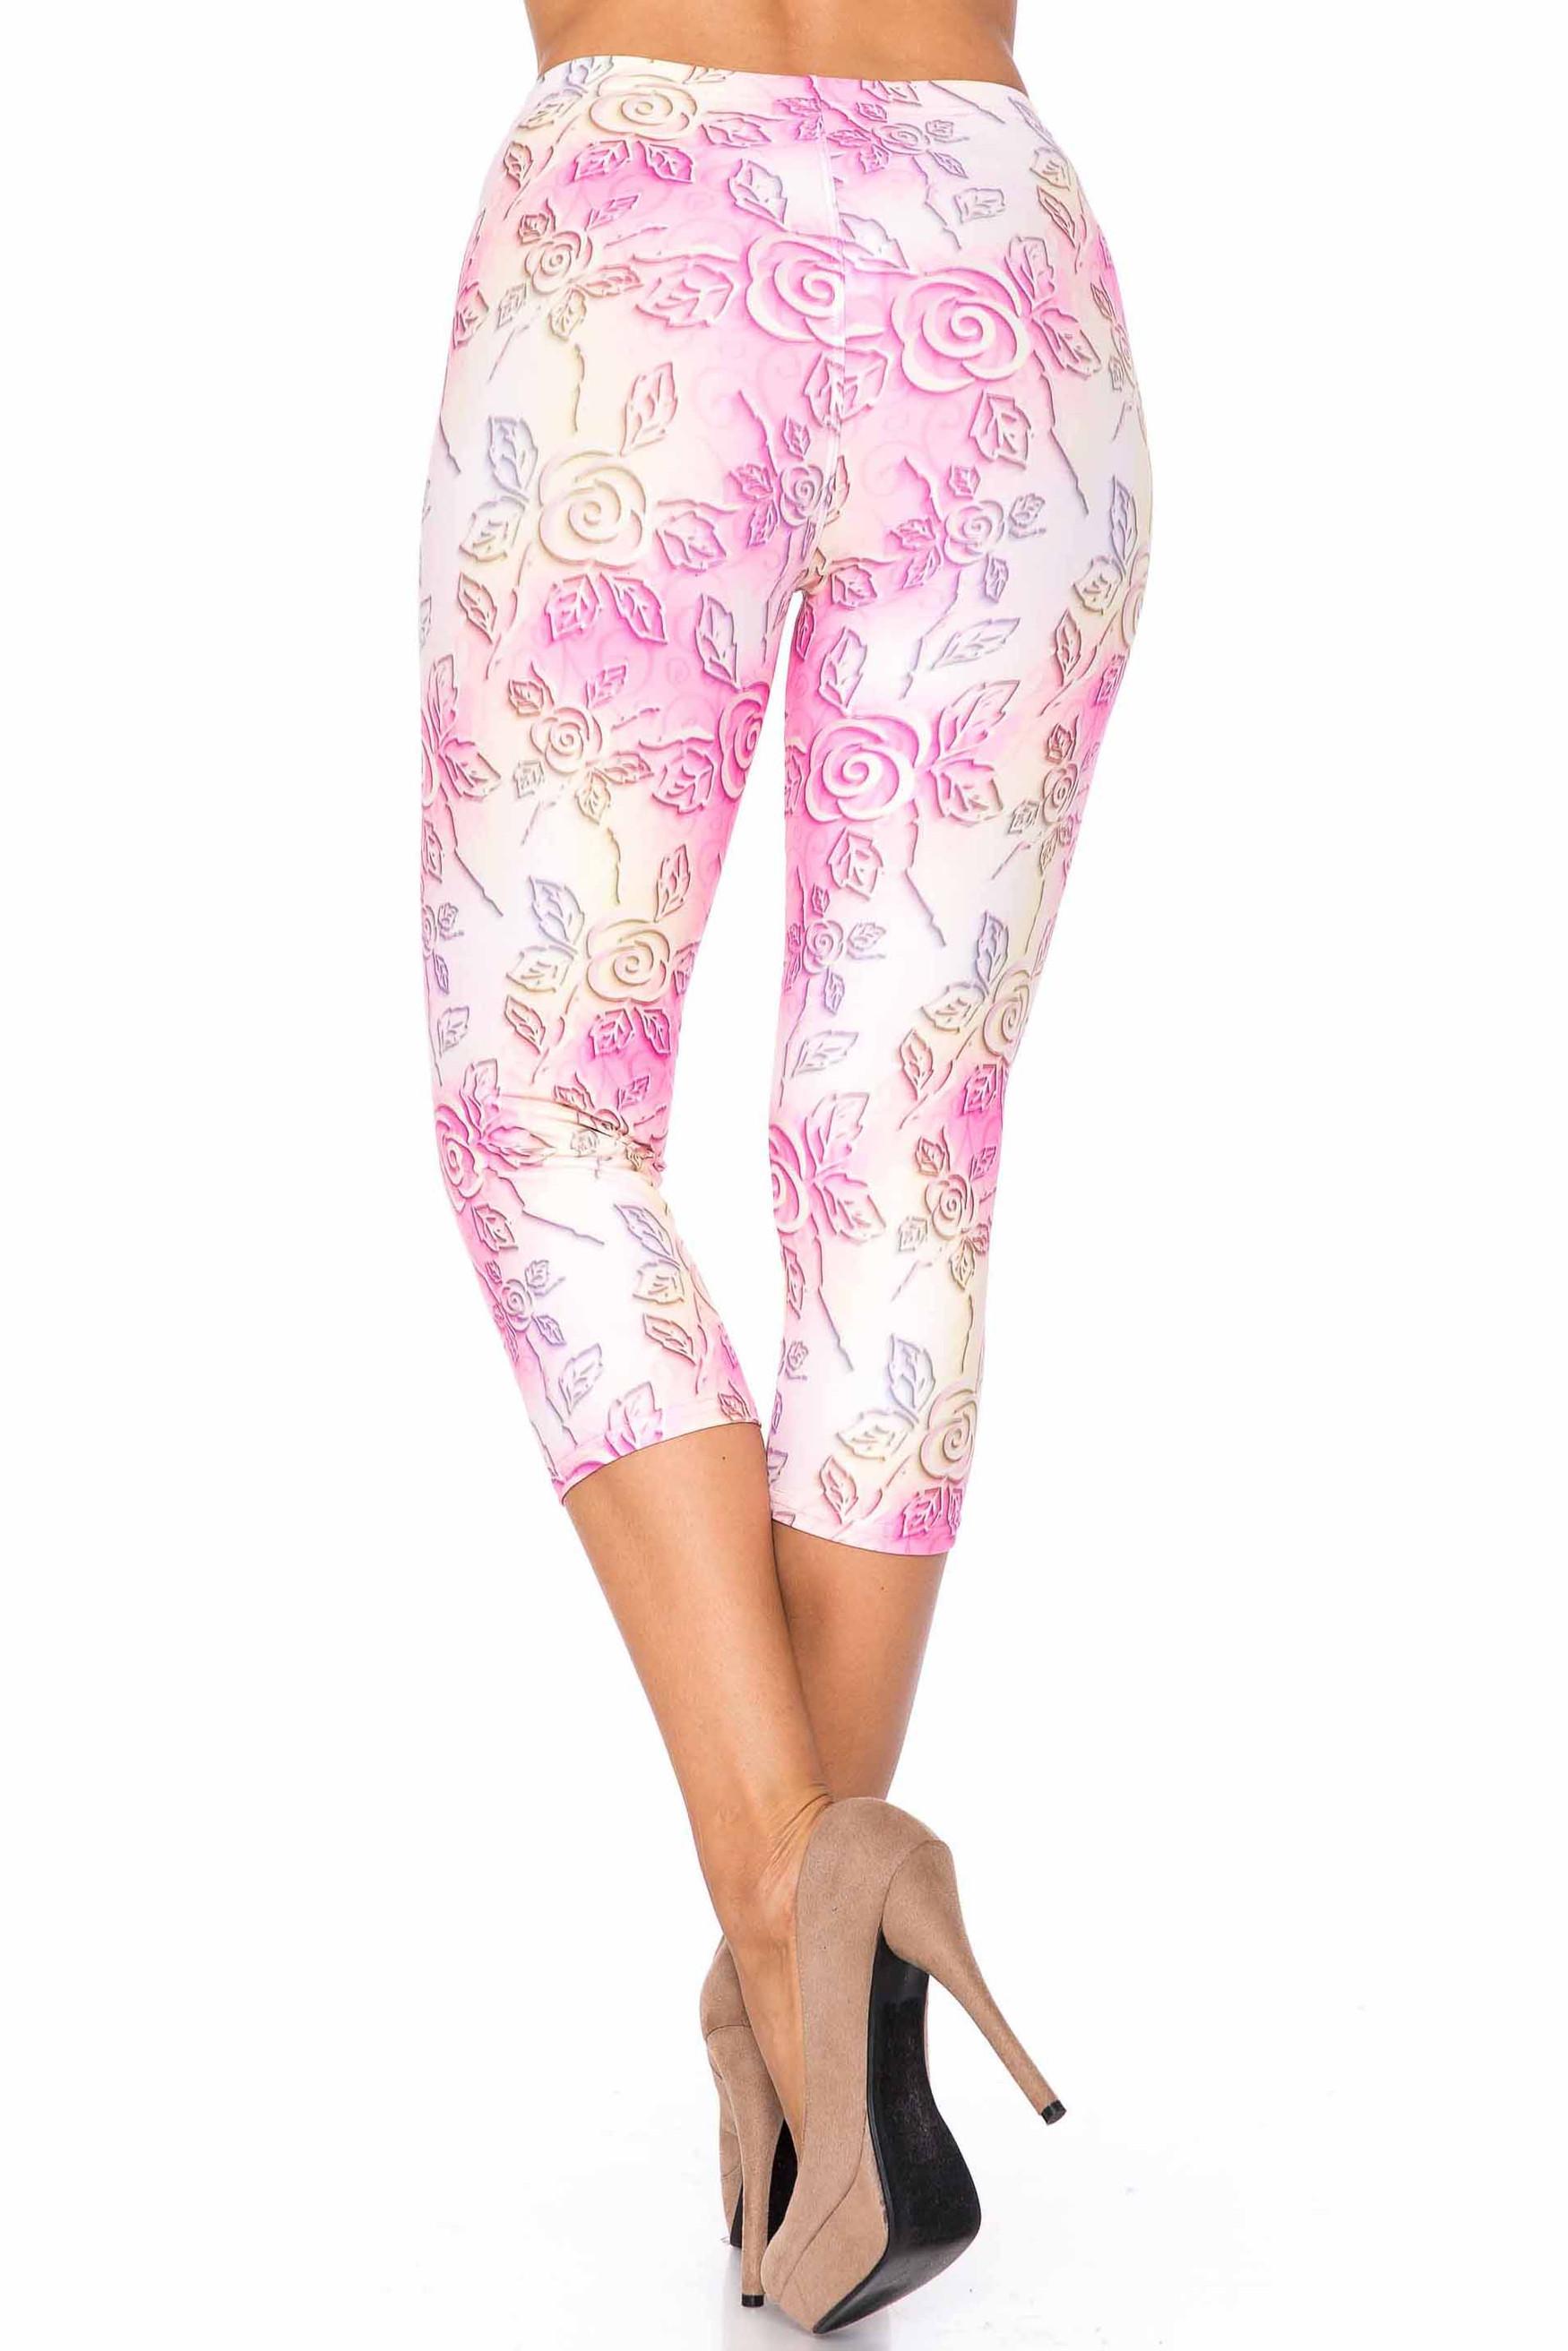 Creamy Soft 3D Pastel Ombre Rose Plus Size Capris - USA Fashion™